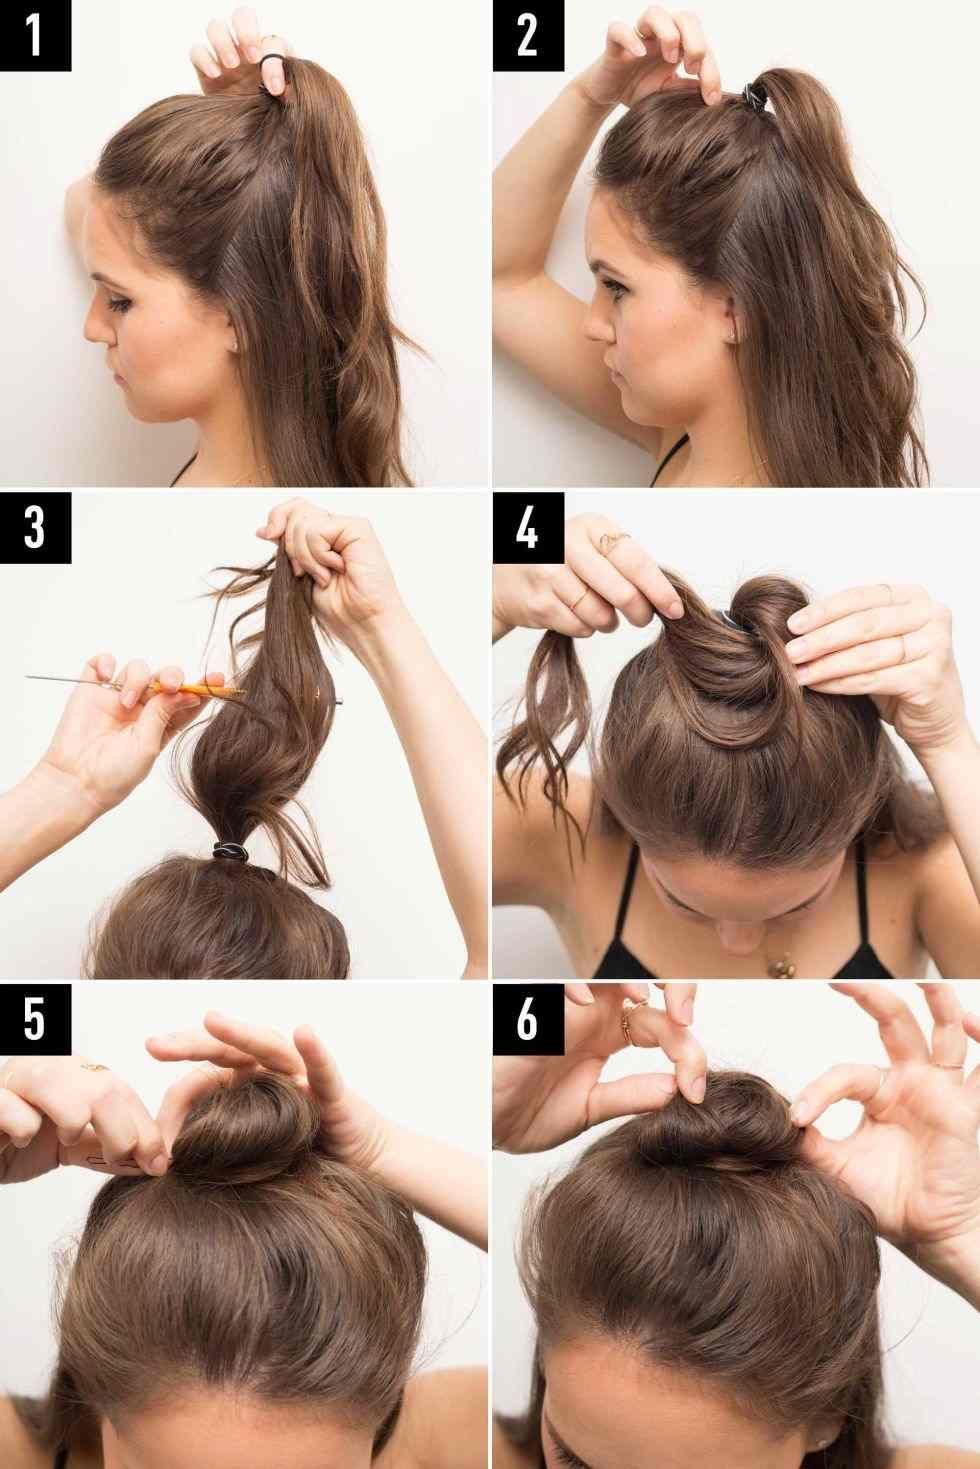 Schnelle Frisuren für die Arbeit - 8 einfache und schöne